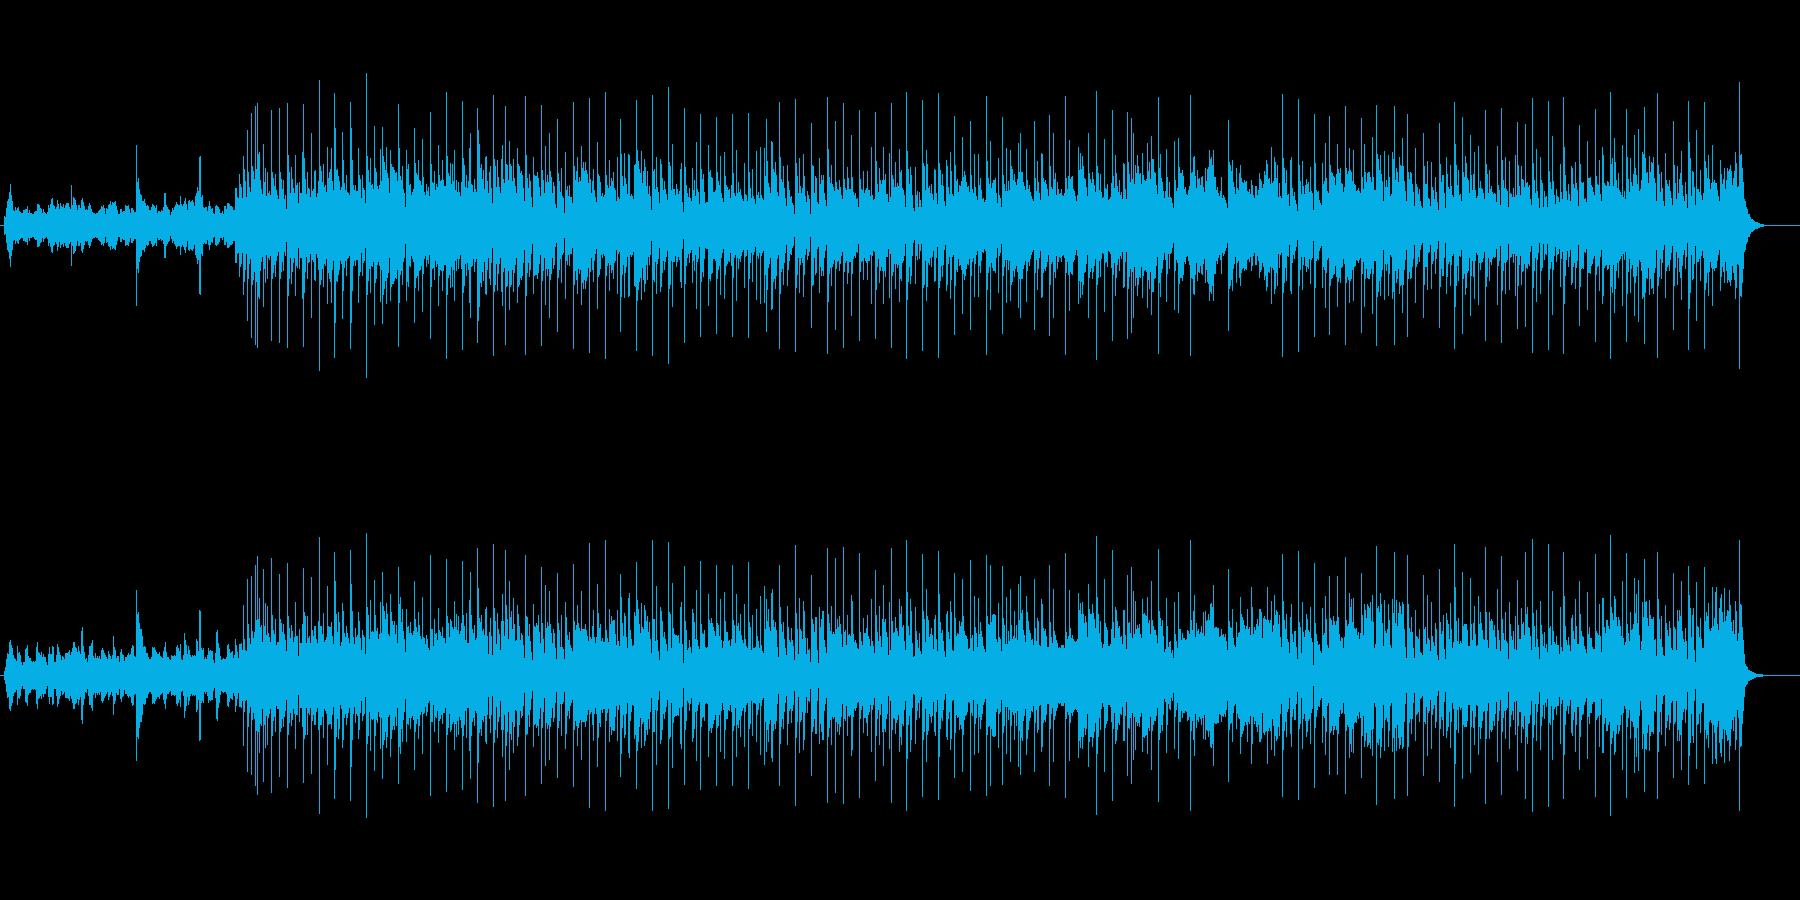 ノスタルジックなミディアム8ビートの再生済みの波形